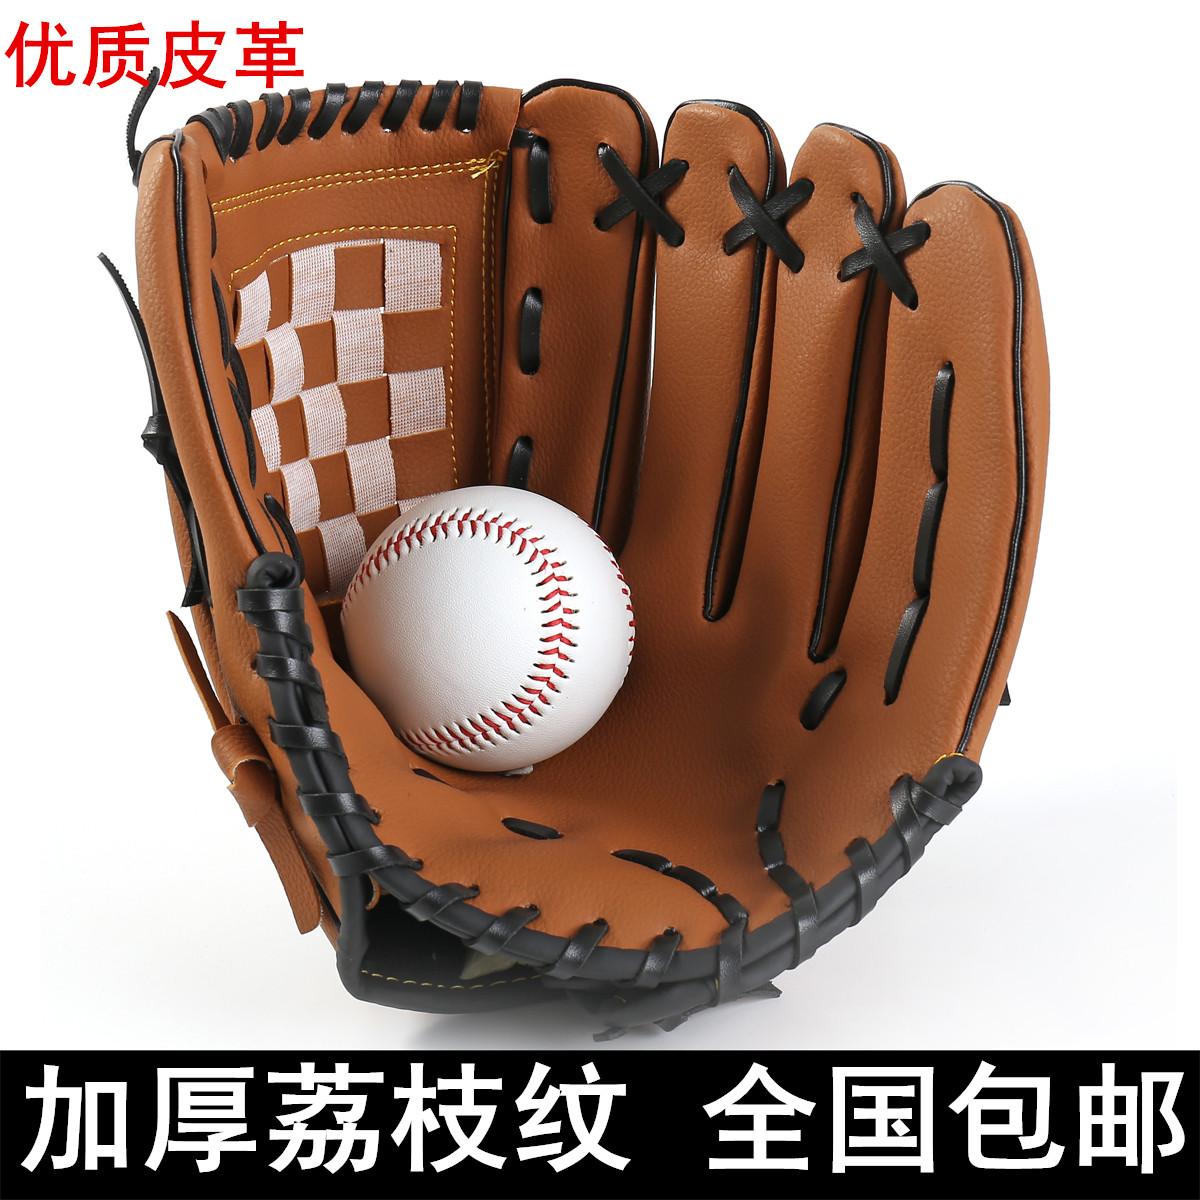 Утепленный бейсбол перчатки детские Взломщик для взрослых перчатки Бейсбол софтбол перчатки бесплатная доставка по китаю